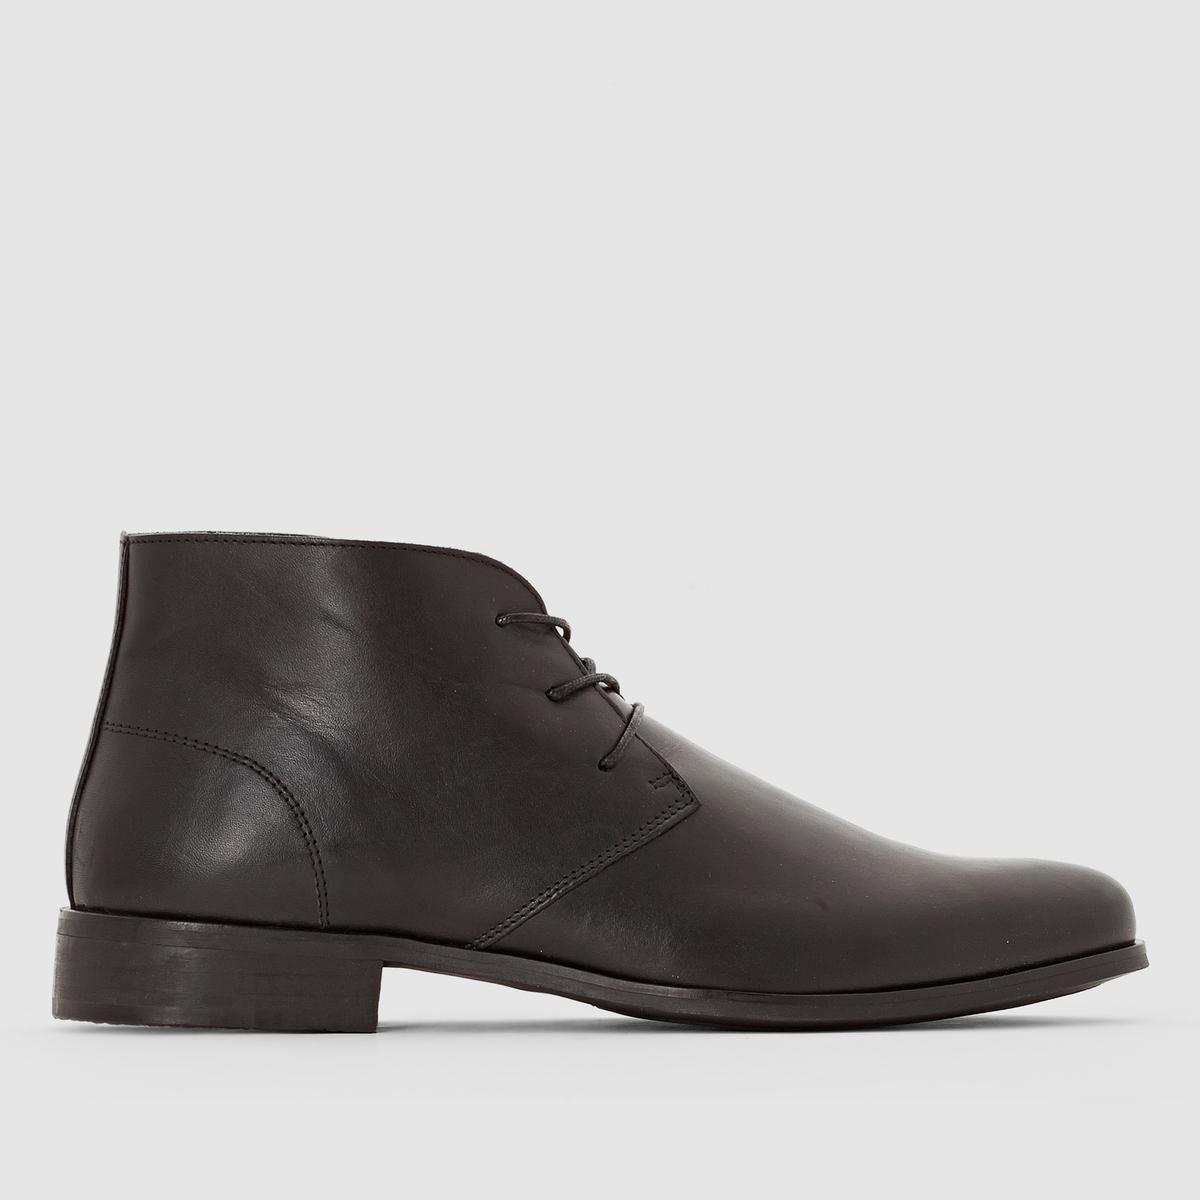 Ботинки-дерби кожаные ботинки дерби clarks stafford park5